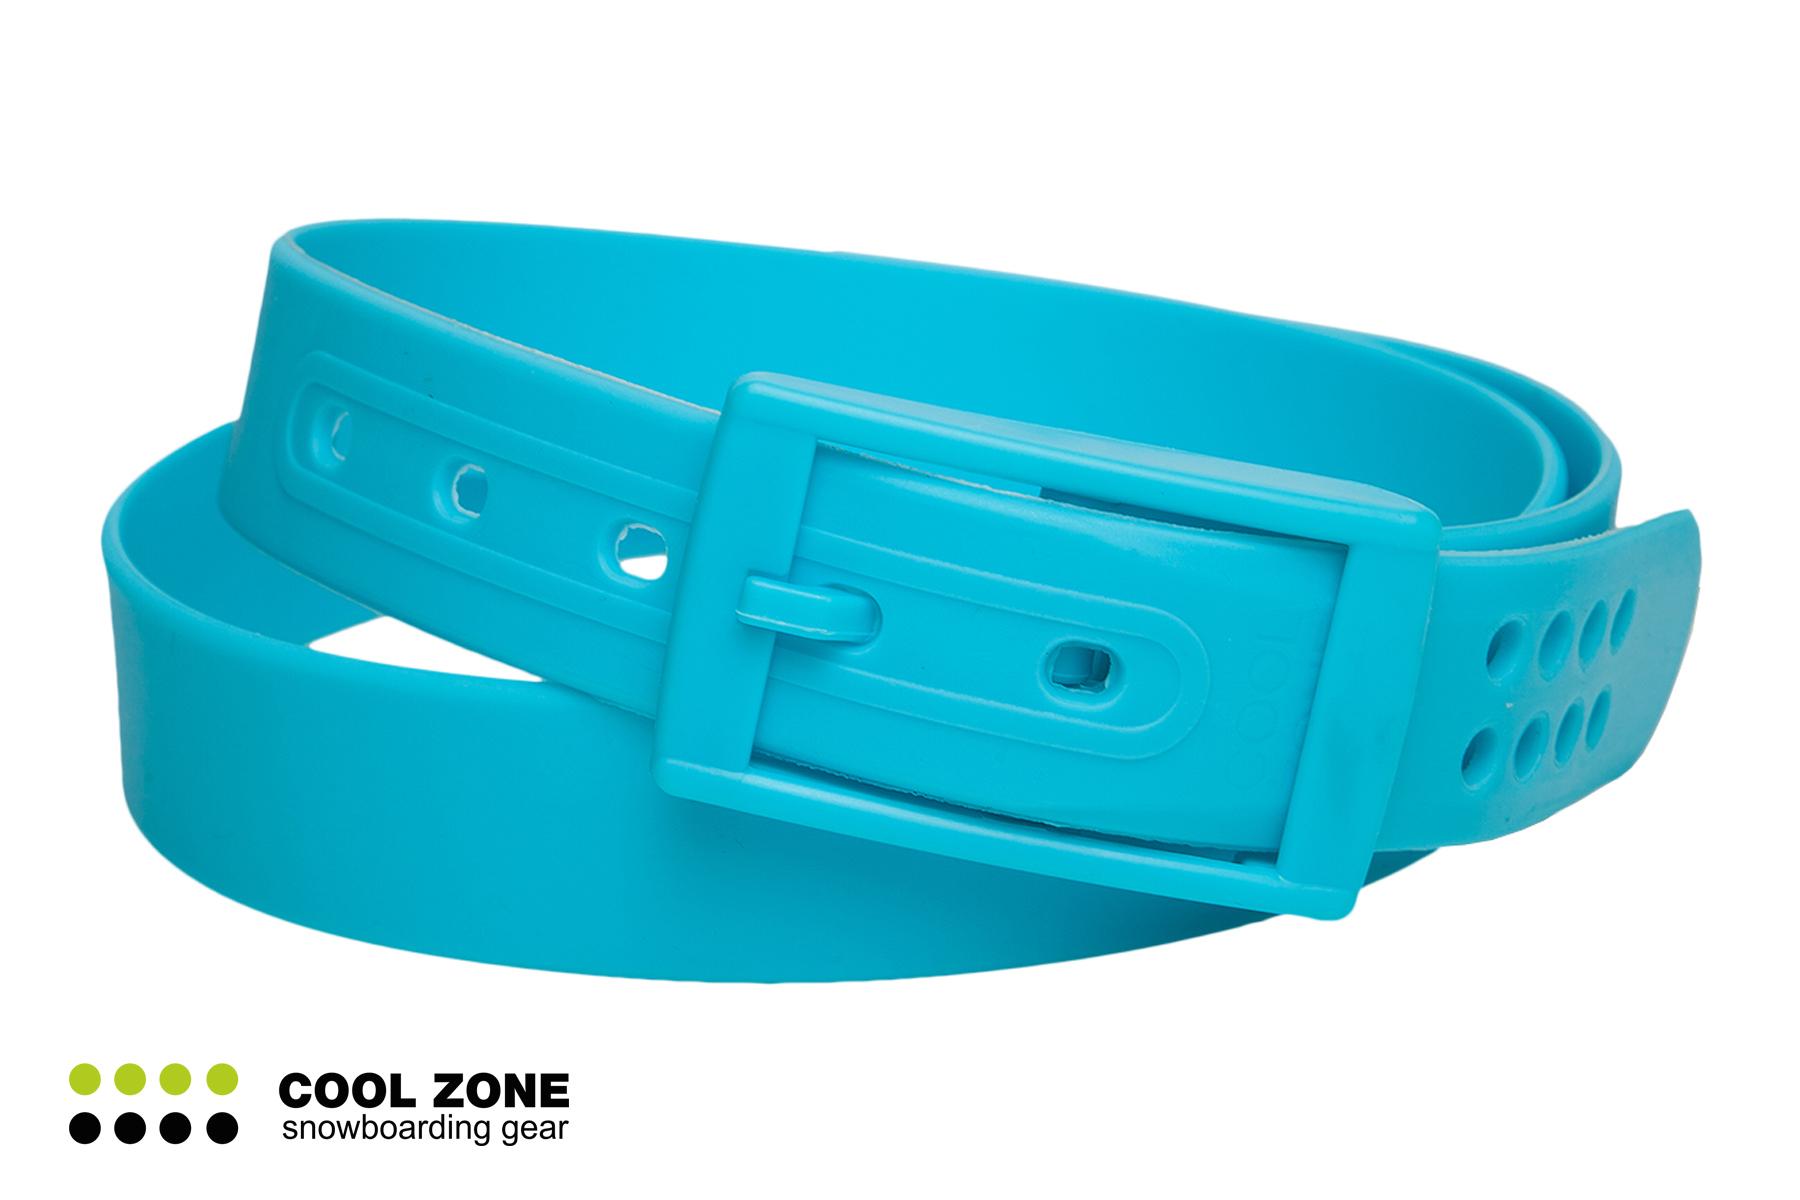 Ремень для комбинезона Cool Zone бирюзовый